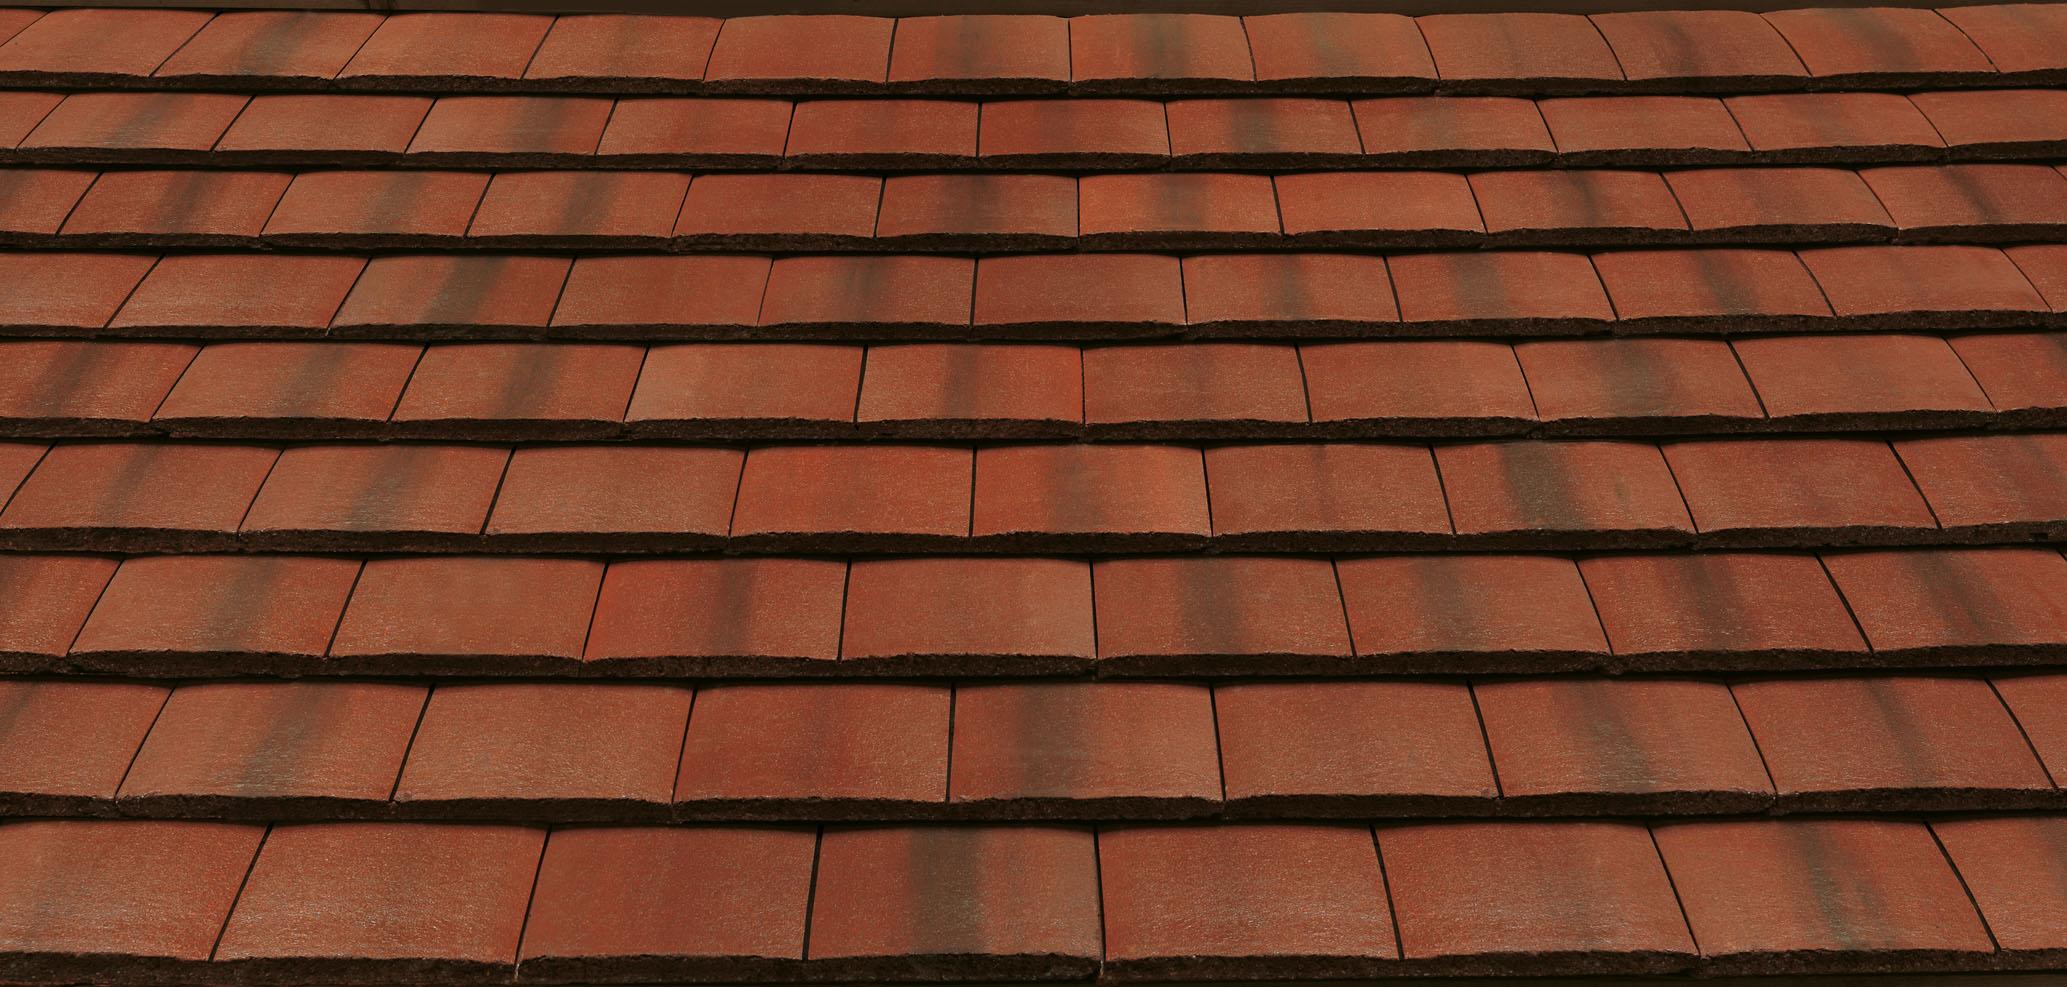 Bakersfield Roofing Contractor